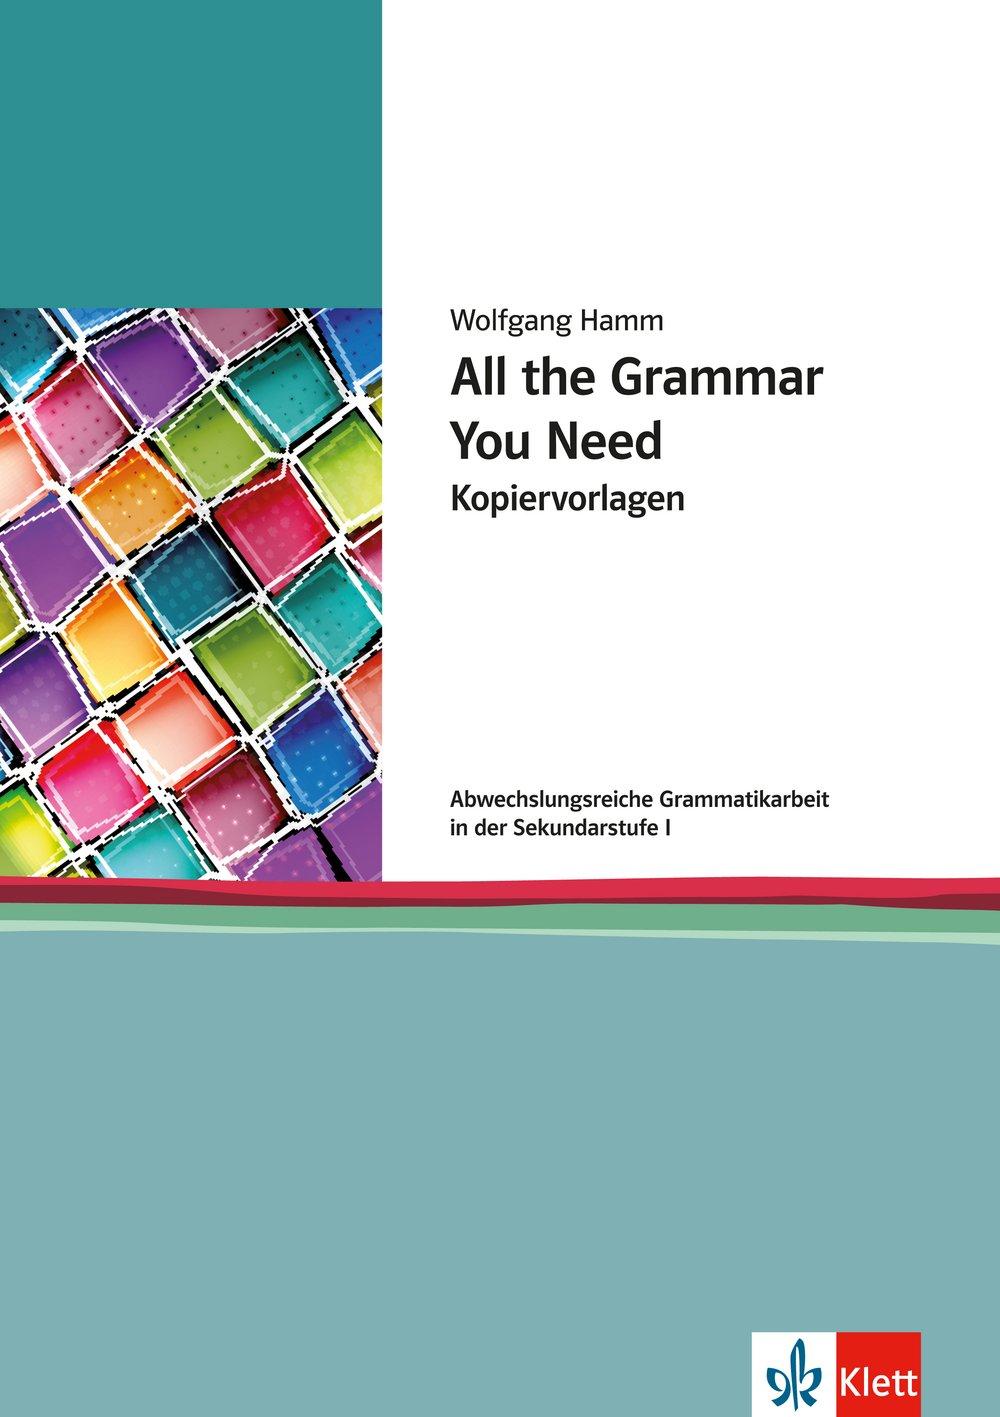 All The Grammar You Need Abwechslungsreiche Grammatikarbeit